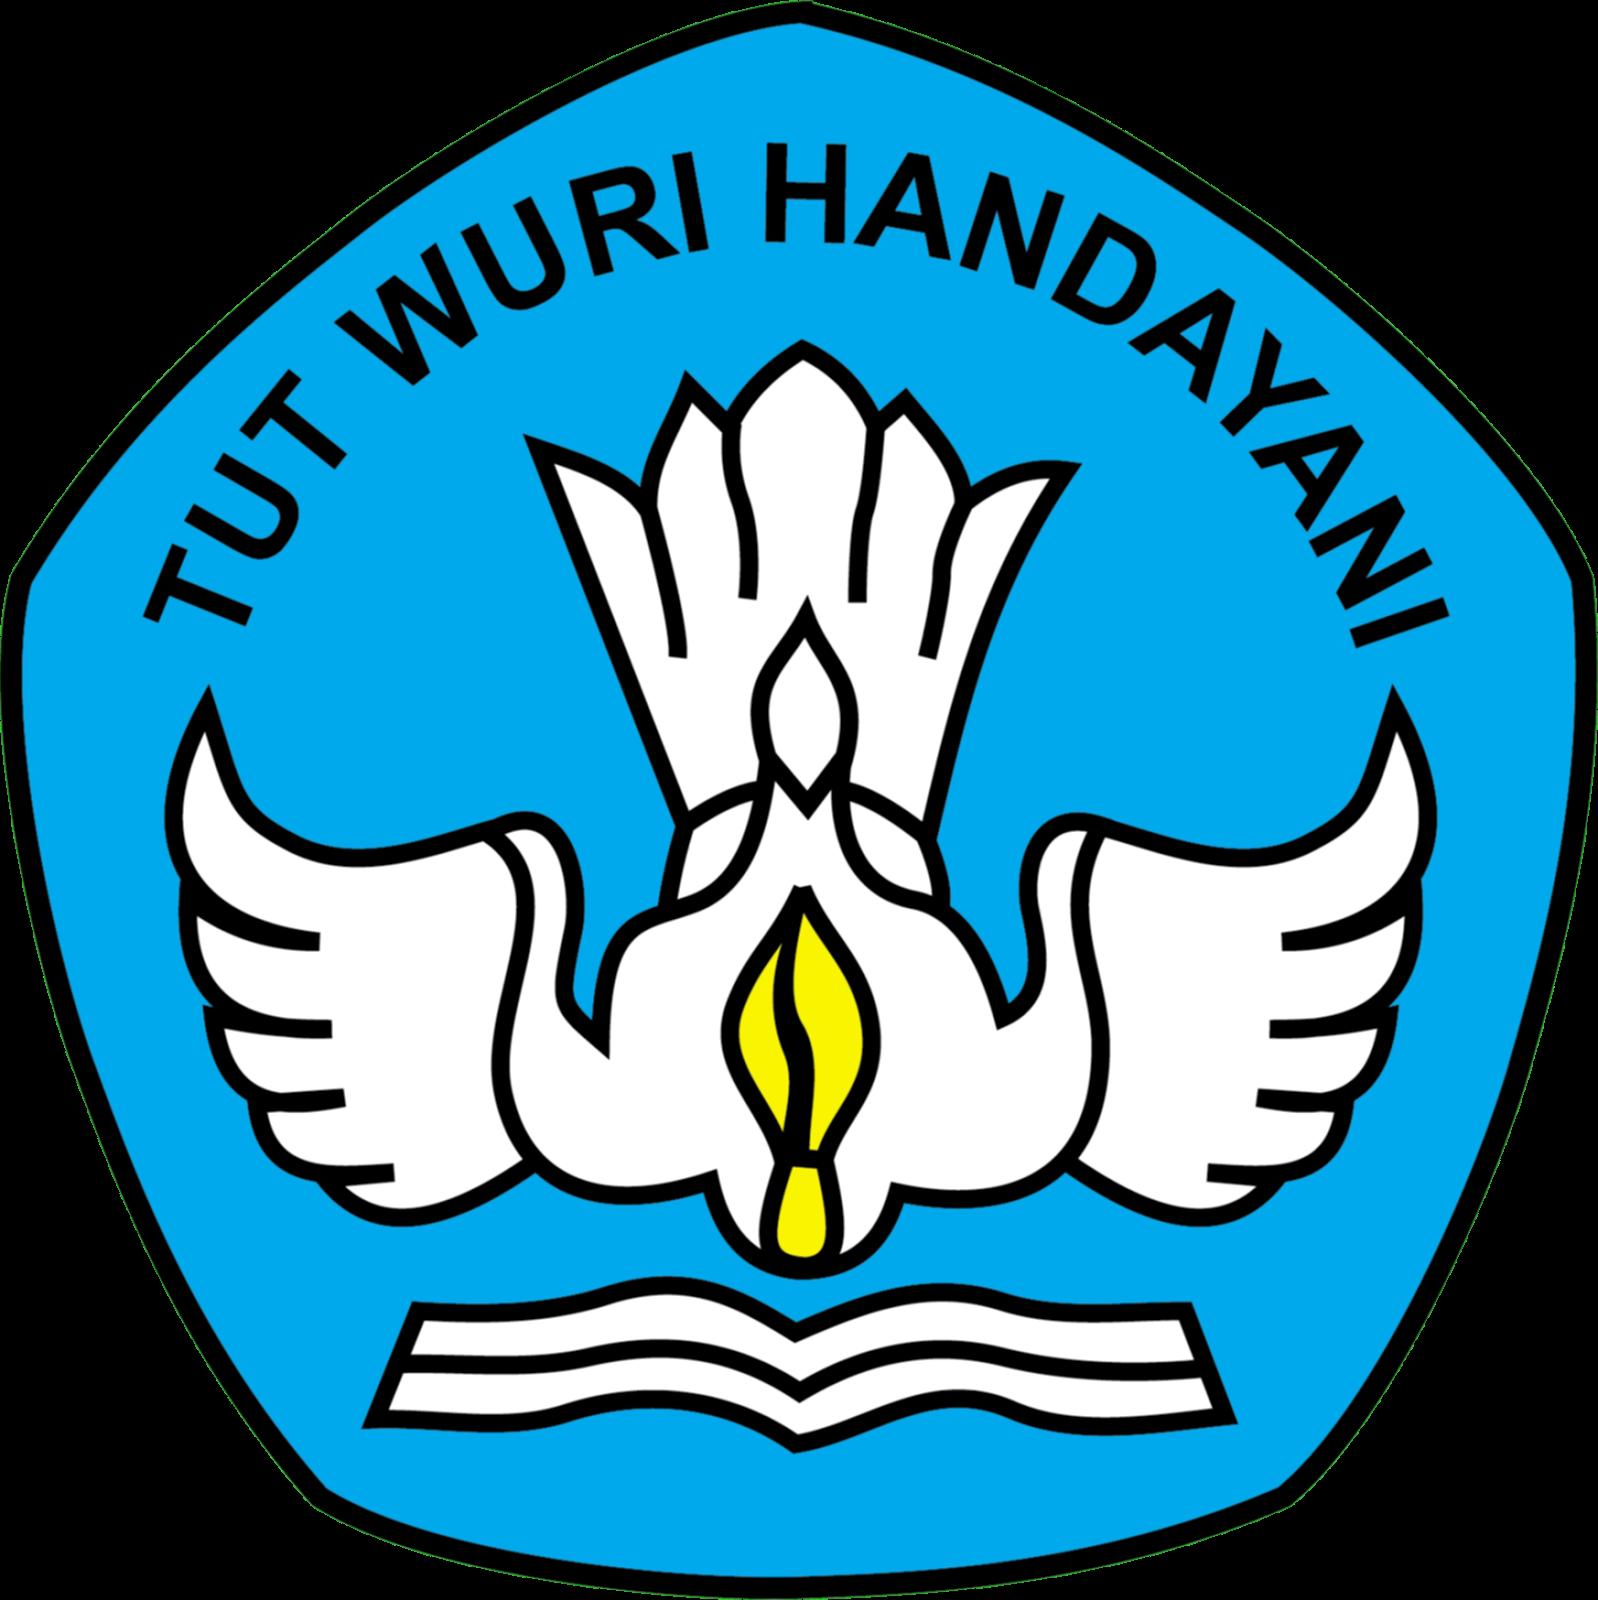 Lowongan Pns Di Diknas 600000 Usulan Kenaikan Pangkat Guru Tertahan Cpns Indonesia Mulai 31 Maret 13 April 2015 Untuk Penempatan Di Malaysia Dan Filipina